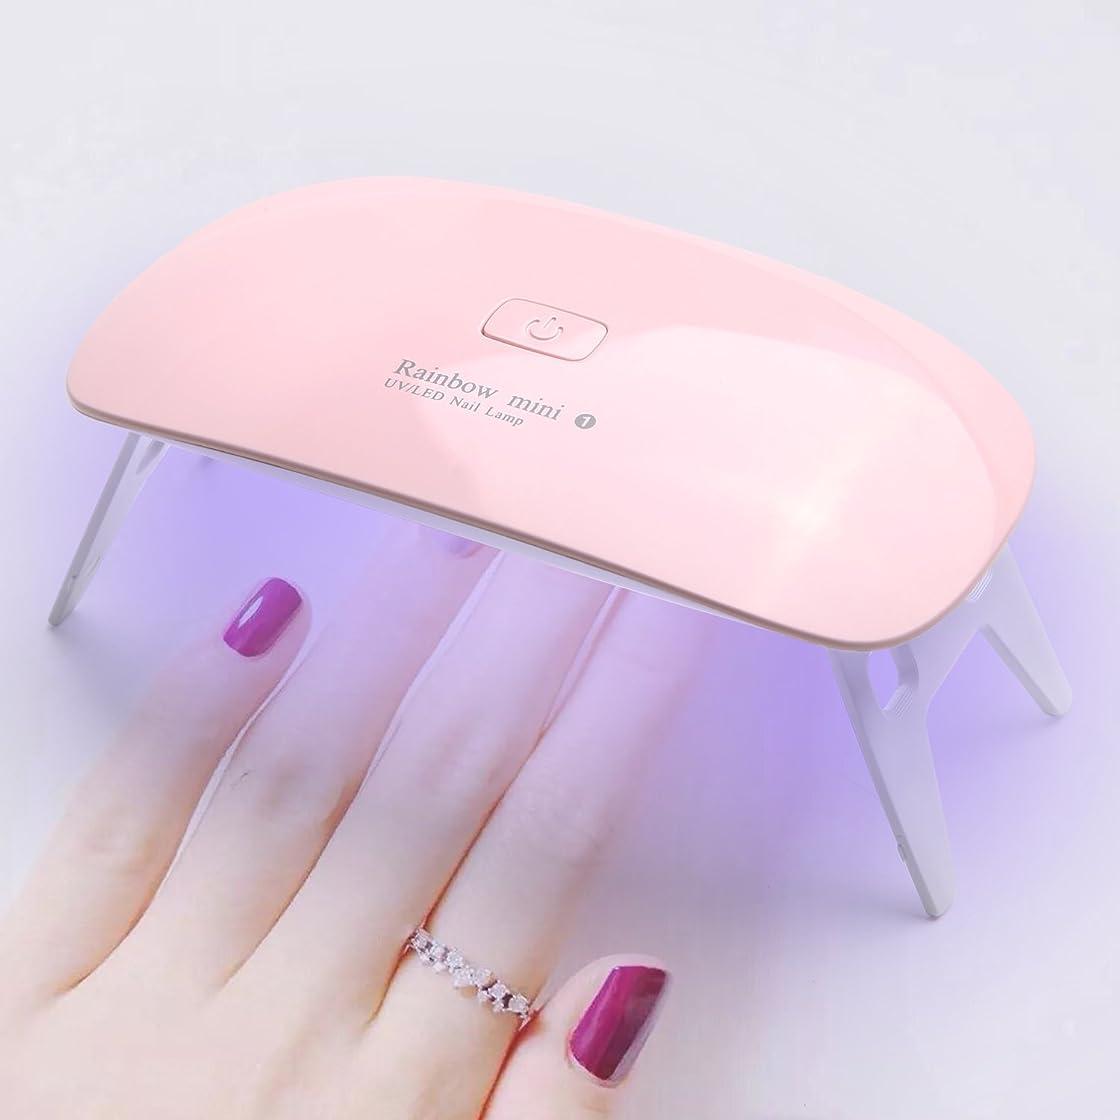 マラウイデンマーク語彫るLEDネイルドライヤー AmoVee UVライト タイマー設定可能 折りたたみ式 ジェルネイル用 (pink)